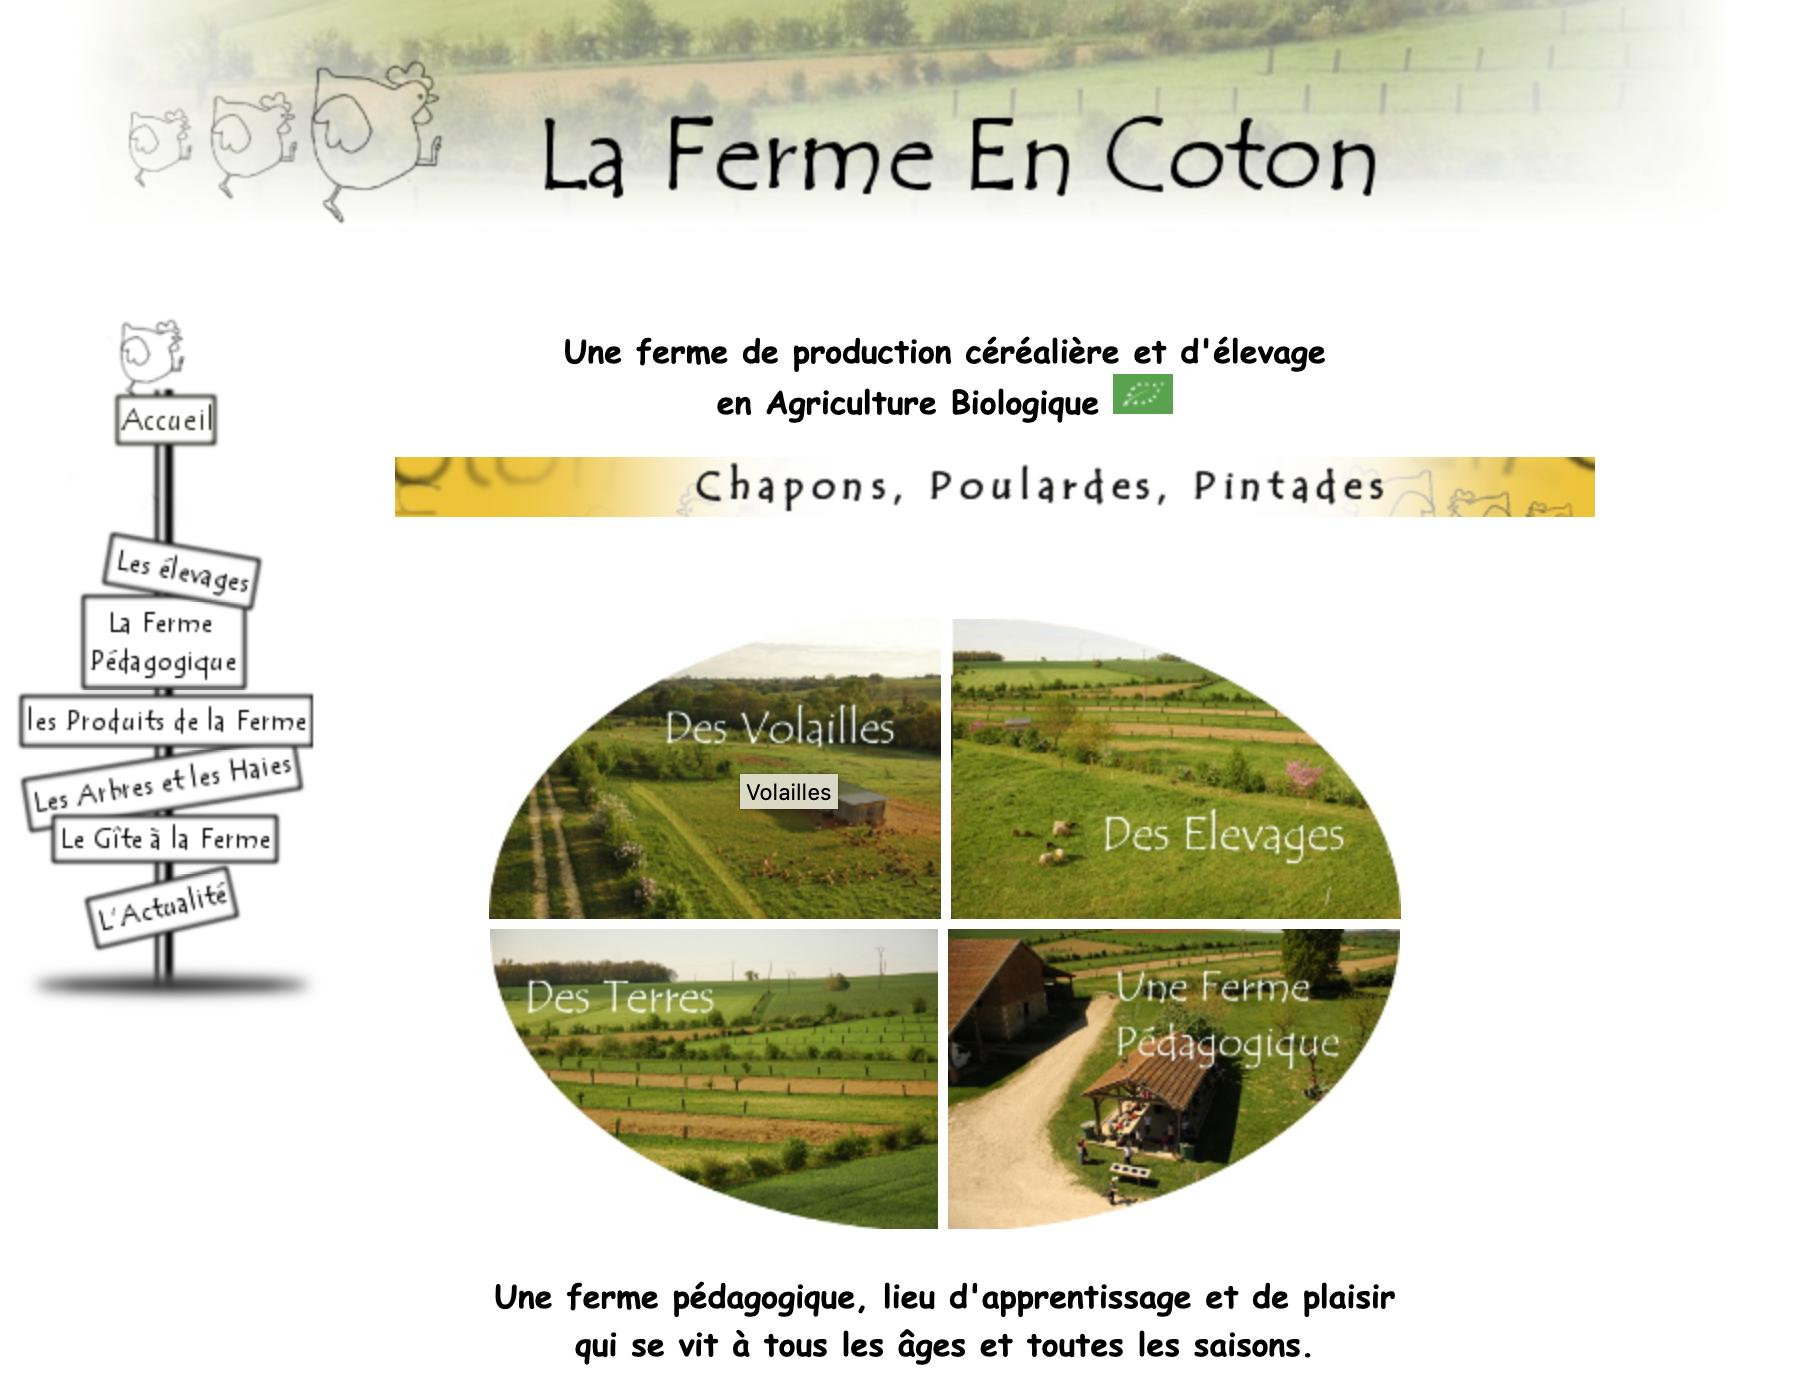 La ferme en Coton